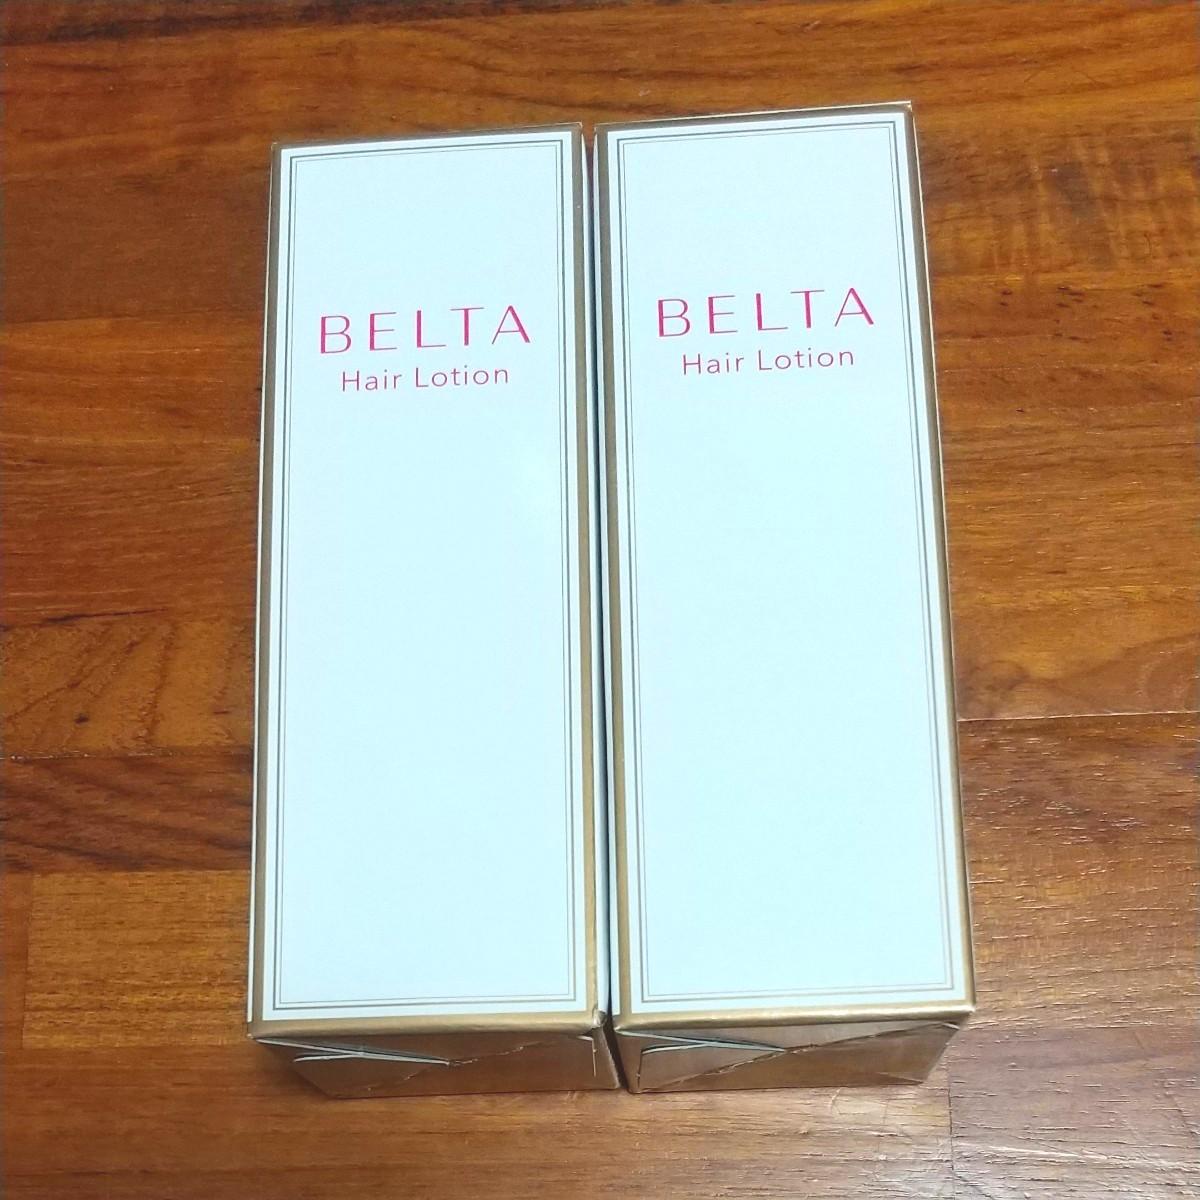 ベルタ育毛剤 BELTA 薬用 ベルタ 女性用 育毛剤 ヘアローション